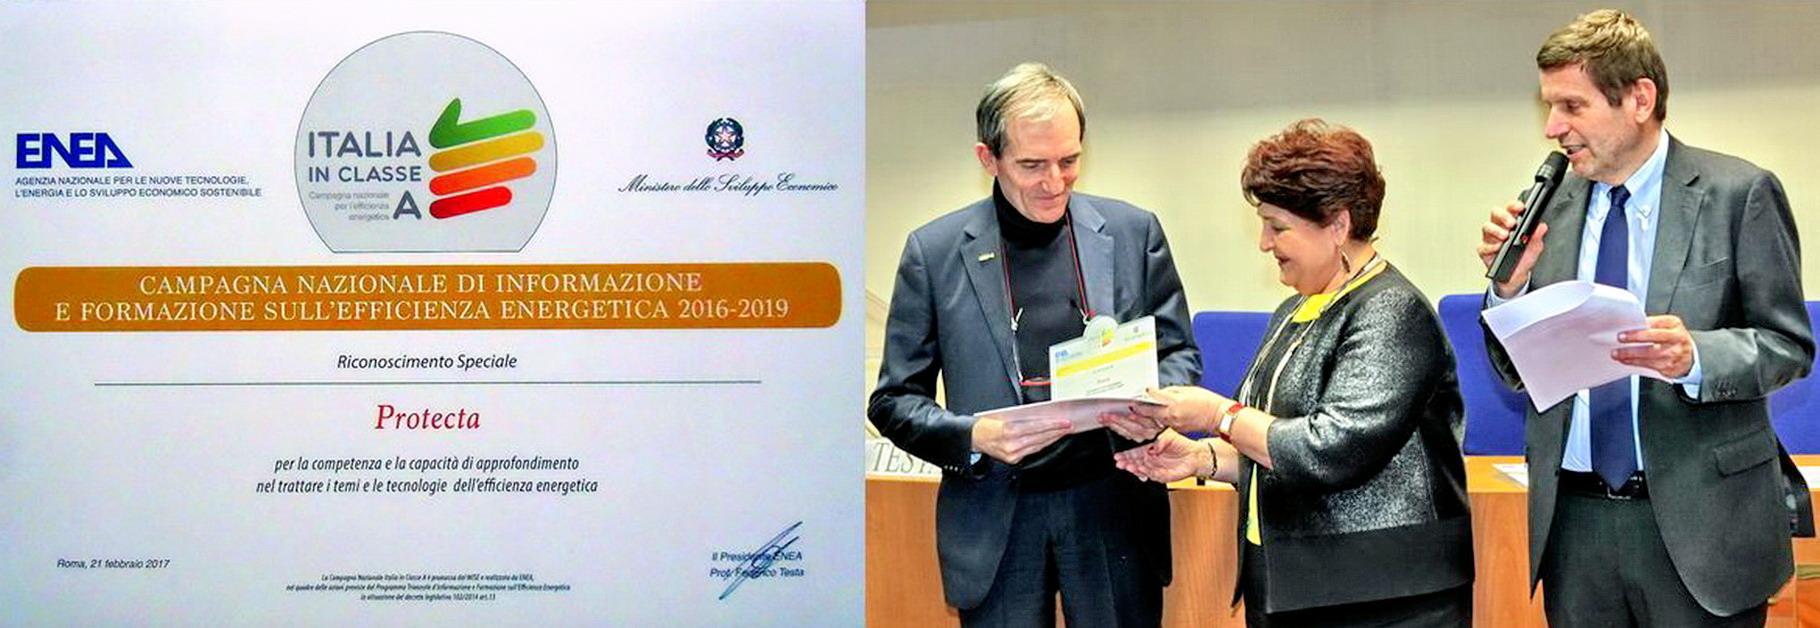 Premio innovazione ENEA